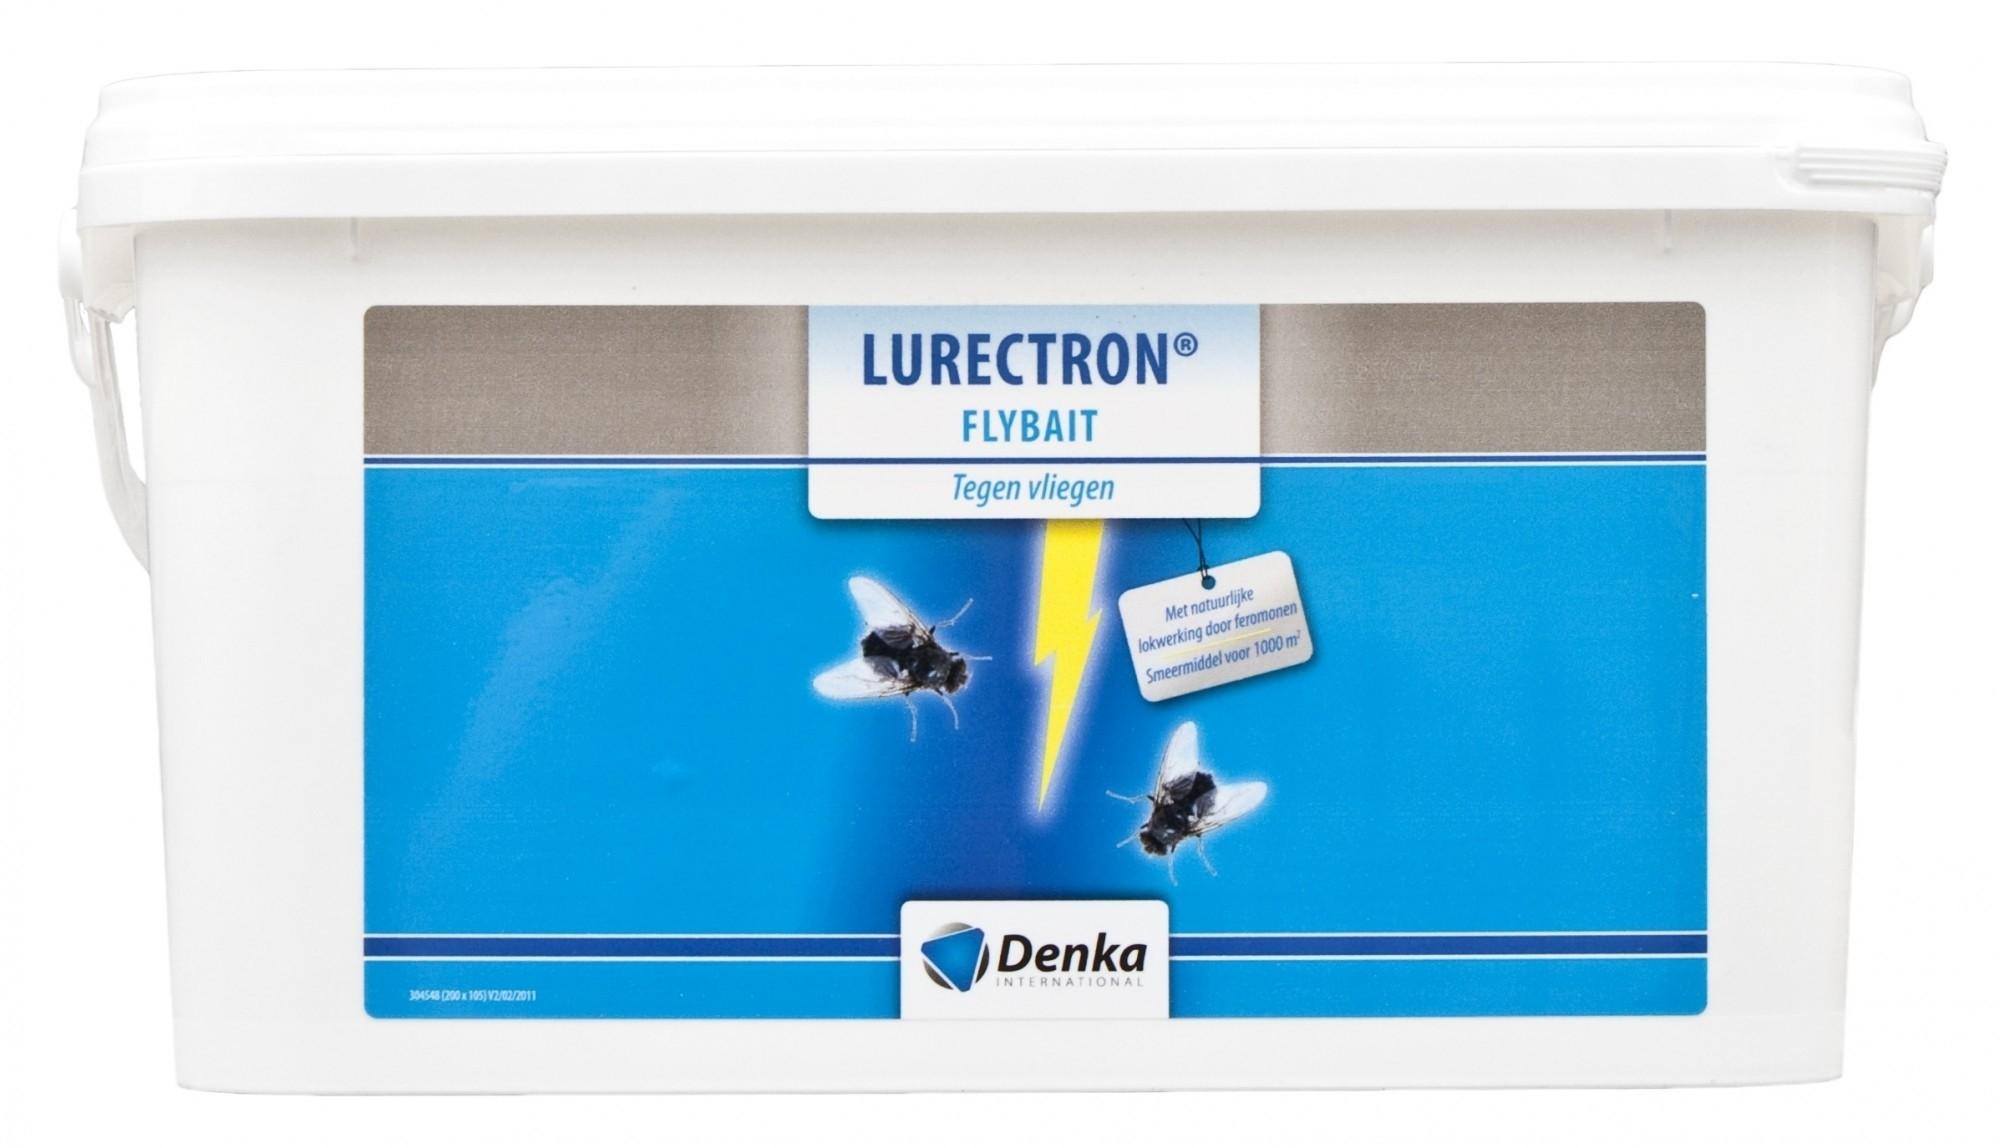 Lurectron Fly-bait tegen vliegen 2kg